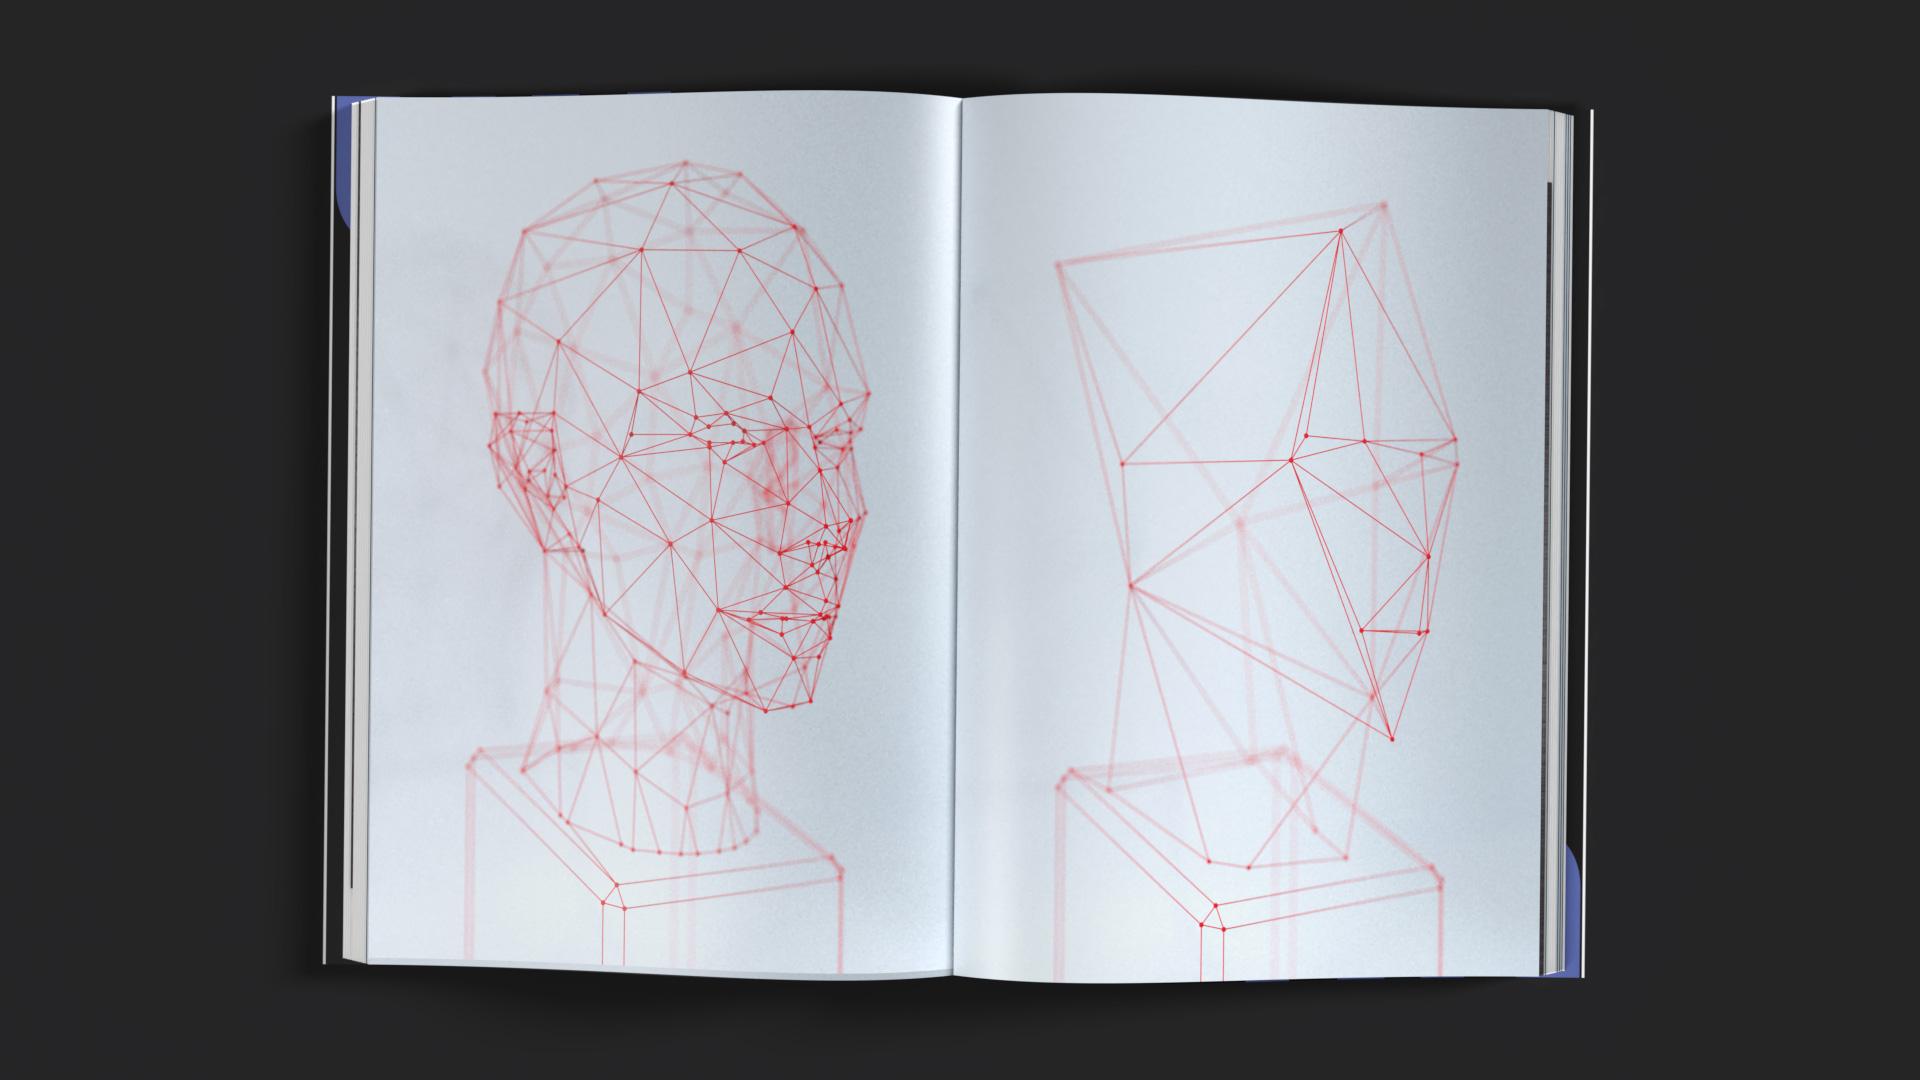 Portfolio der Brand Design Agentur OINO in Buchform